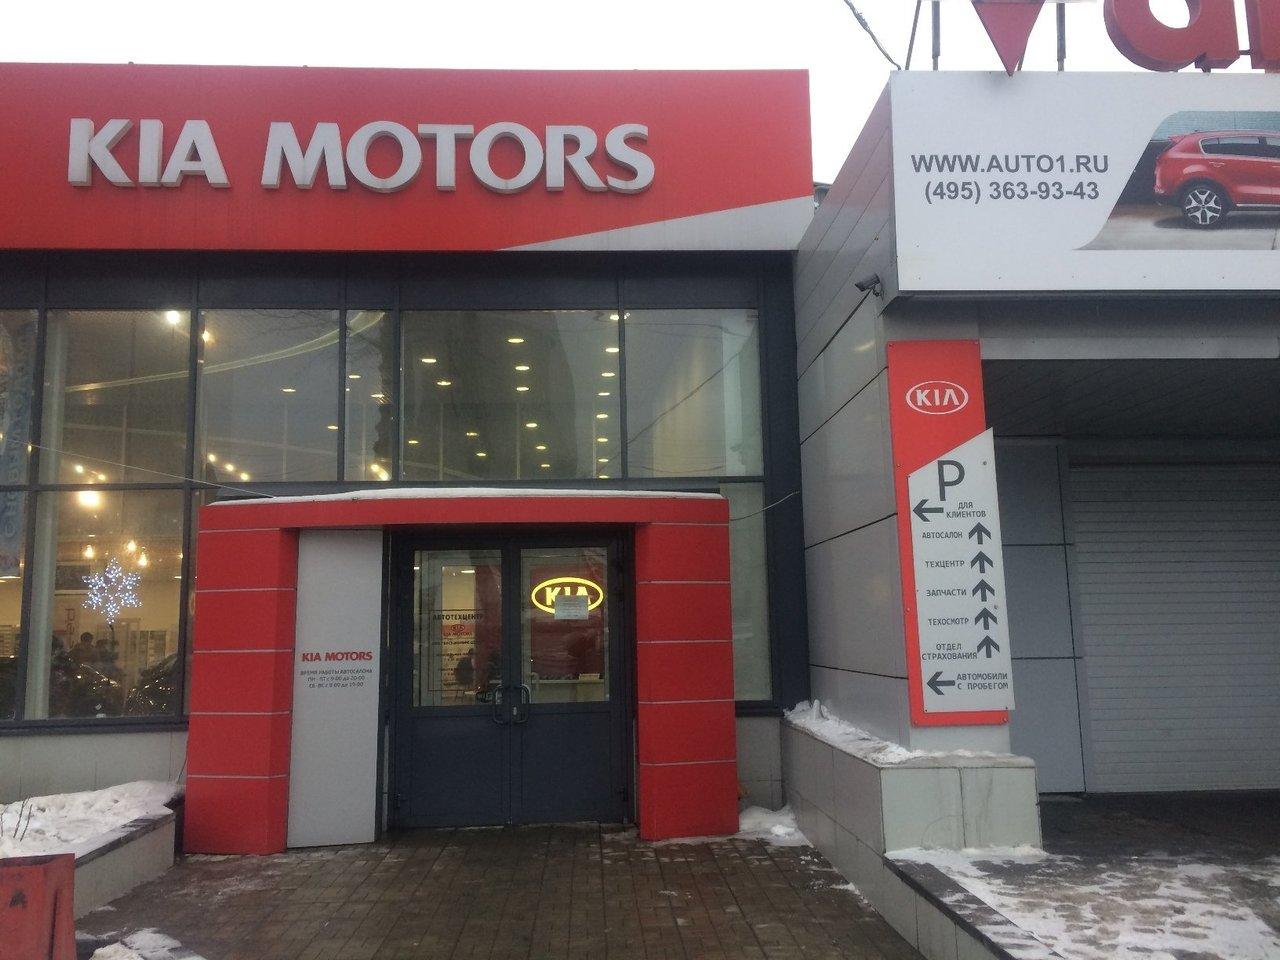 Москва автосалон новавто москва дмитровское шоссе 157 стр 4 автосалон центральный отзывы